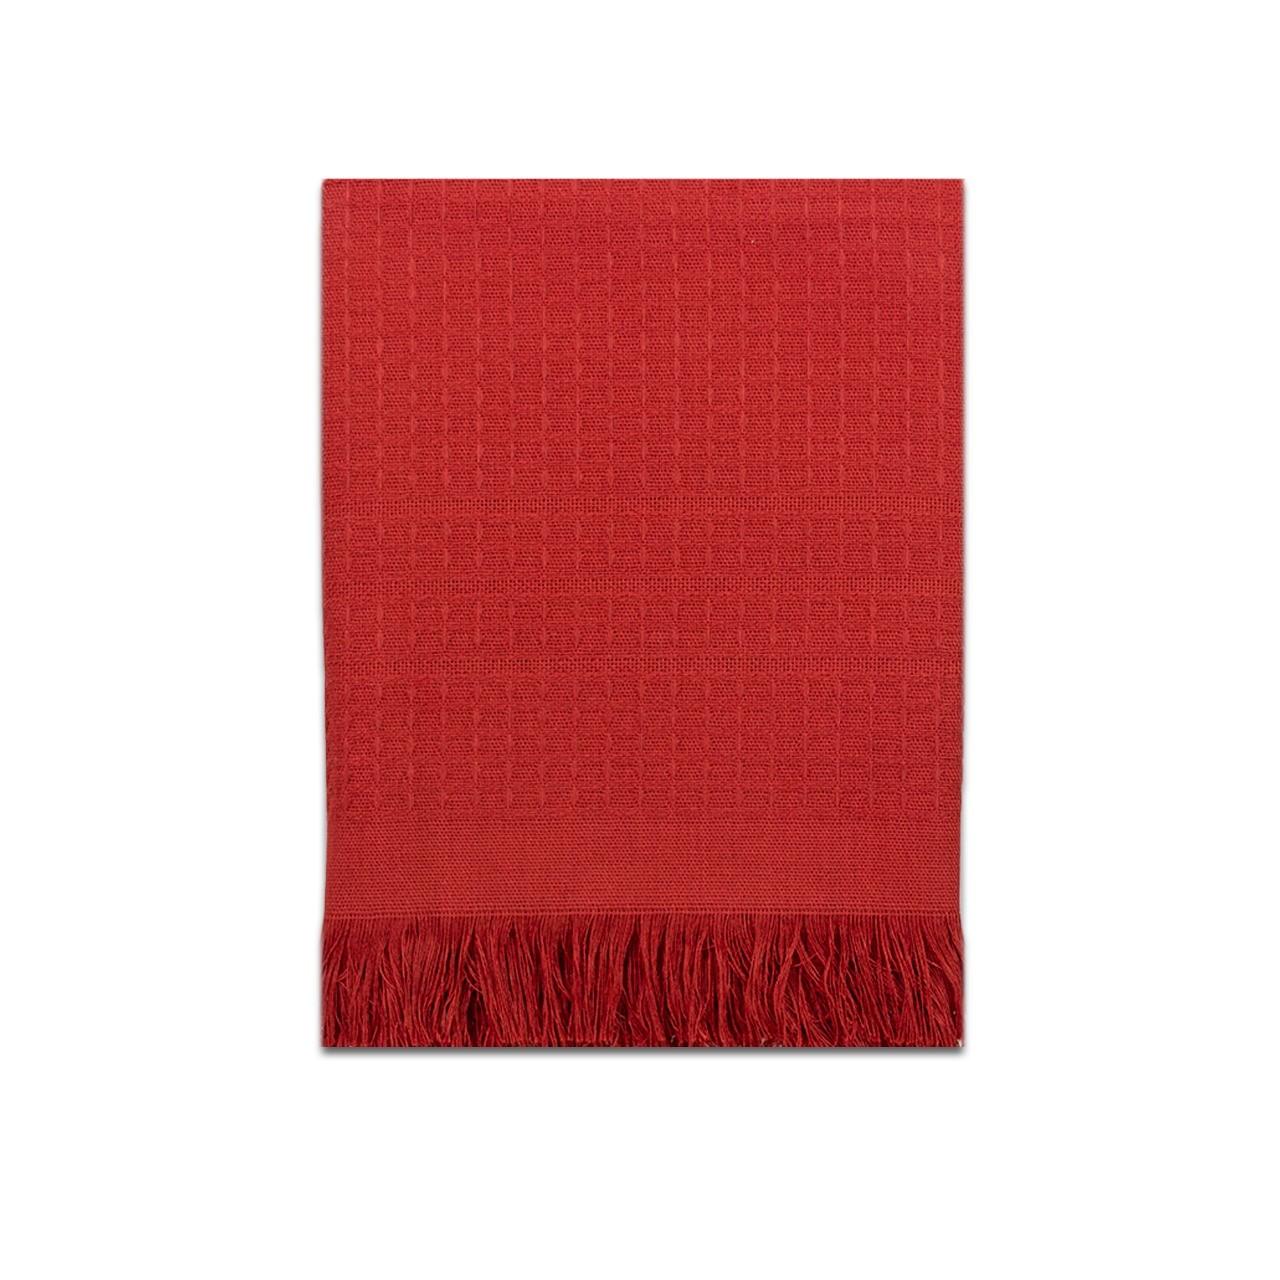 Manta Decorativa Marrocos 1,20x1,50